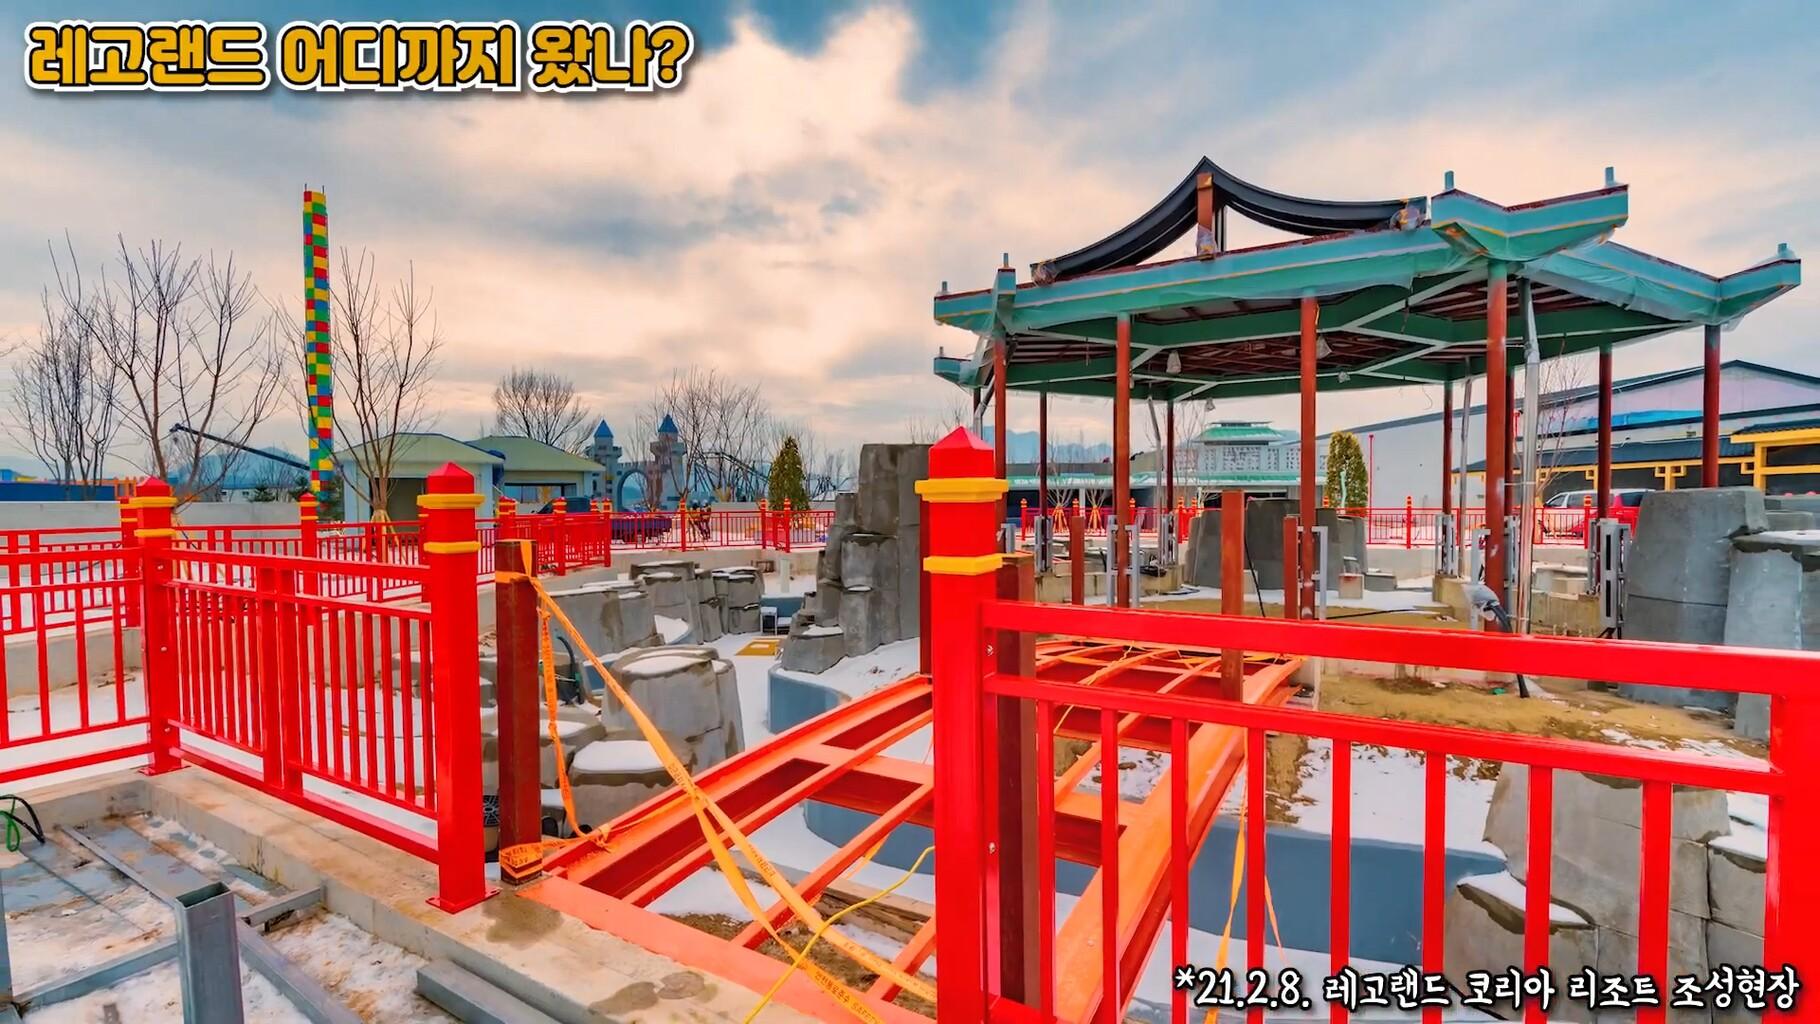 legoland-korea-72379100.jpg